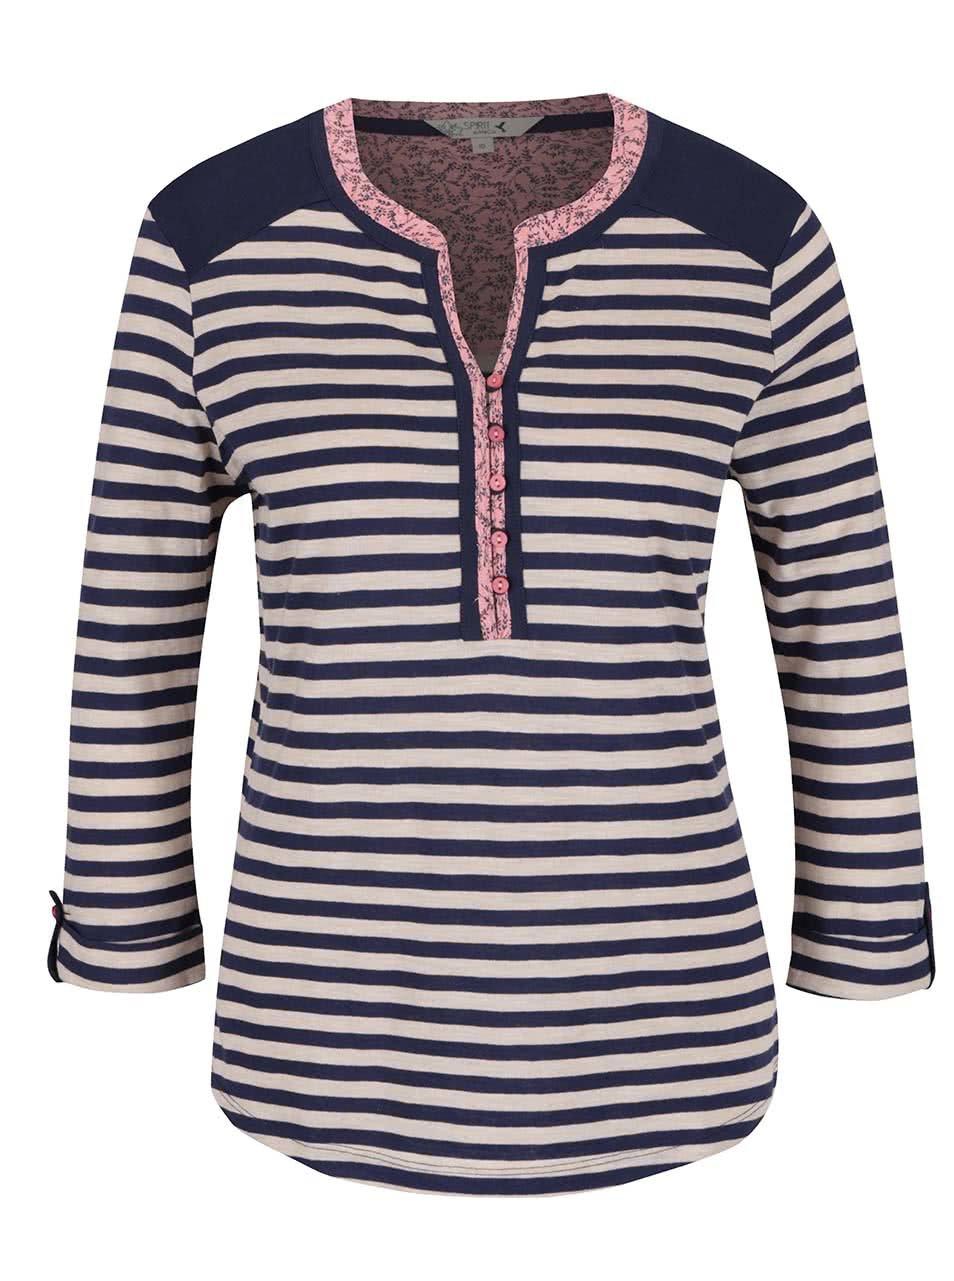 Béžovo-modré dámské pruhové tričko M&Co